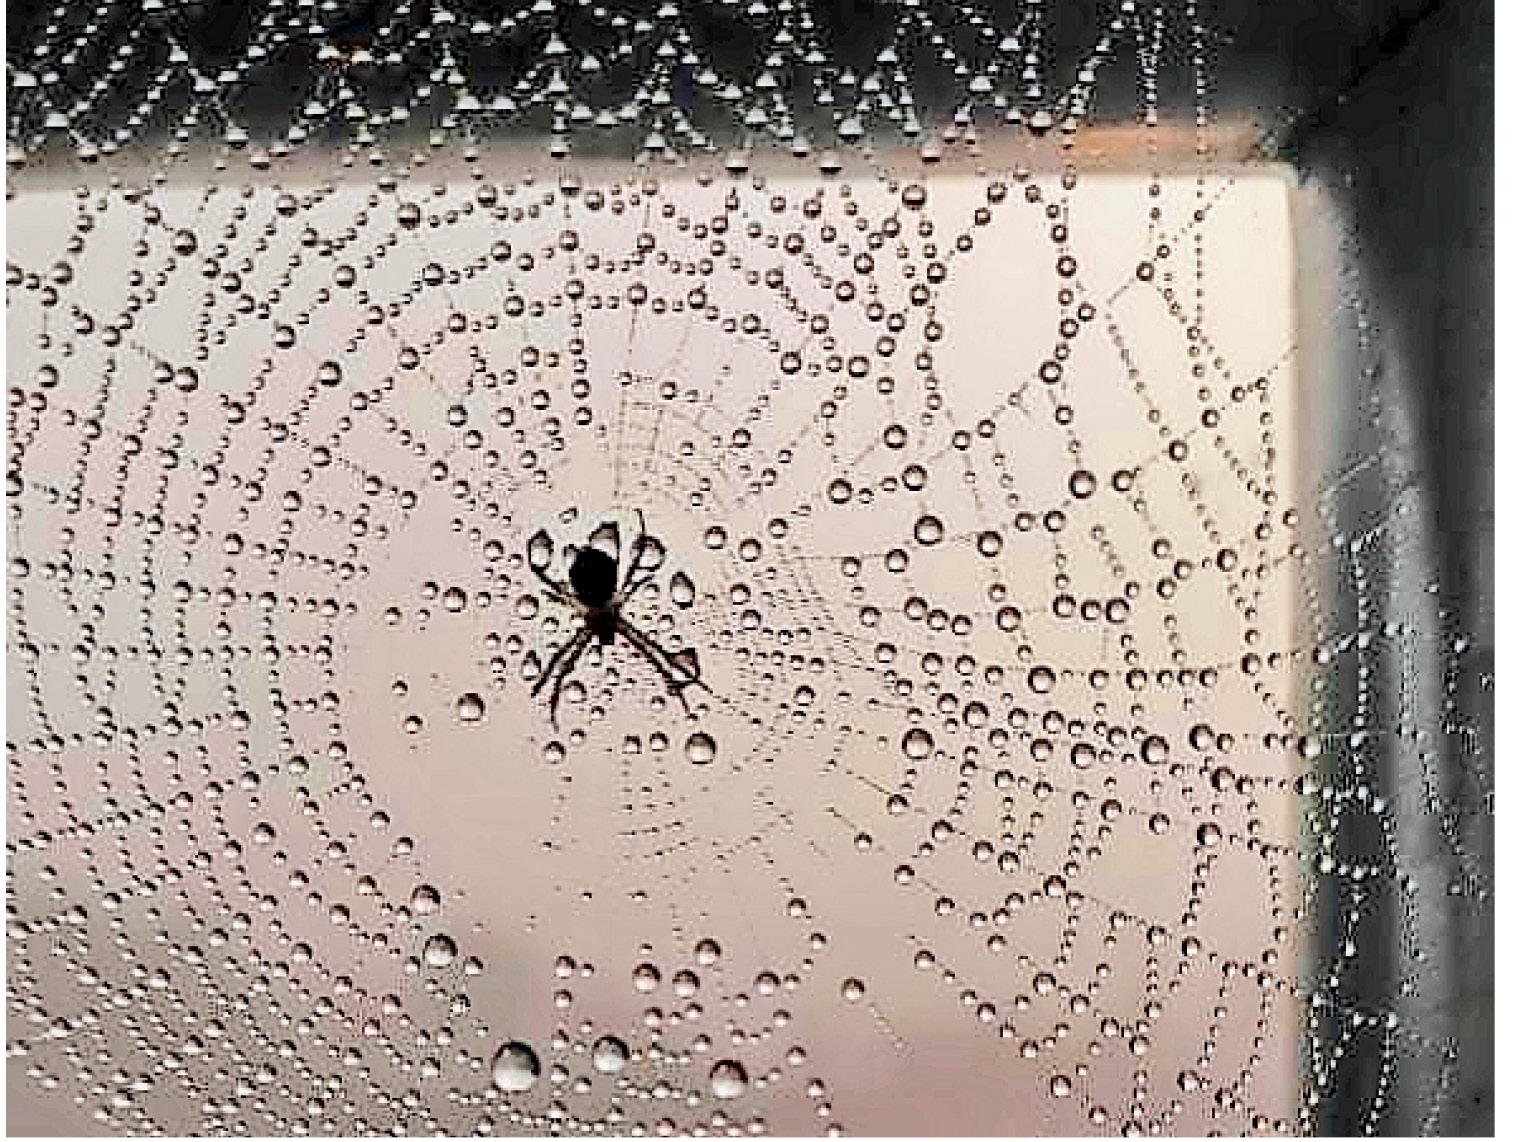 छत्तीसगढ़ के महासमुंद में पारा 8° पर पहुंच गया। मकड़ी के जाले में जमी ओस।